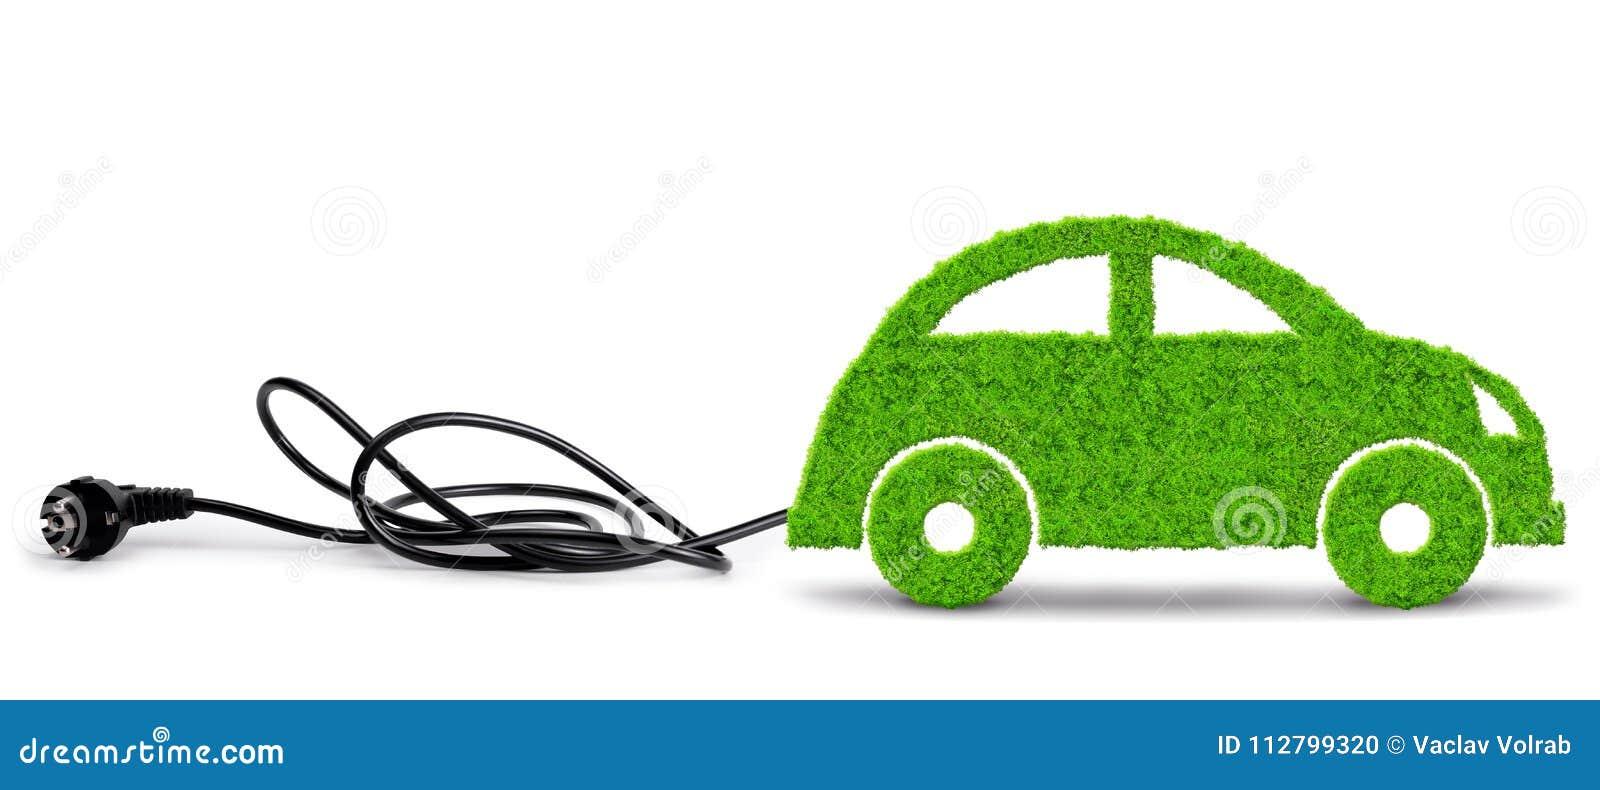 Carro verde do eco com a tomada elétrica no fundo branco